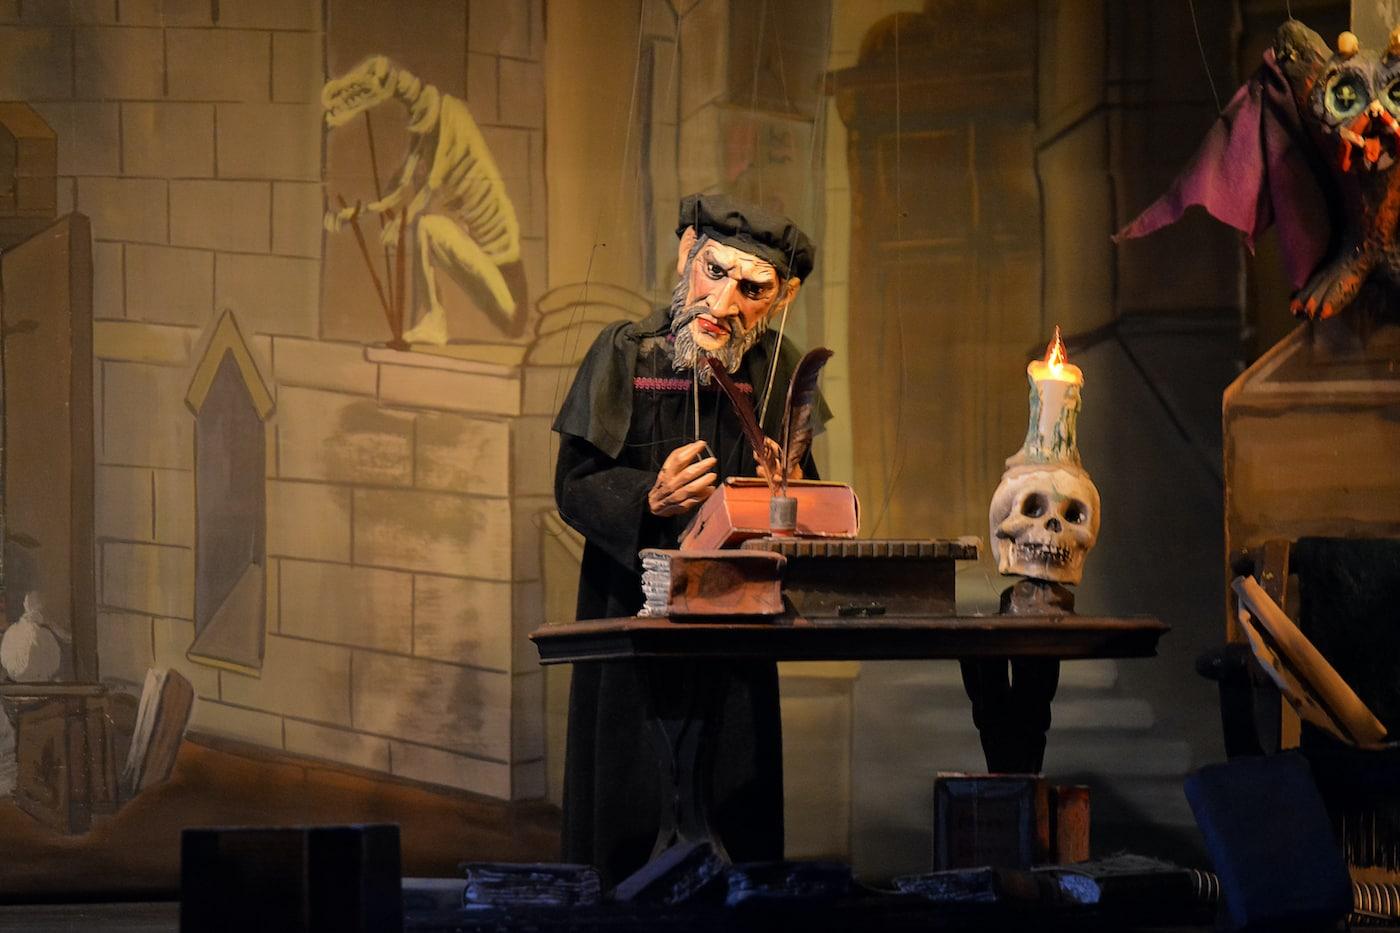 Marionettentheater Bille präsentiert den Doktor Faust für Kinder und die ganze Familie // HIMBEER